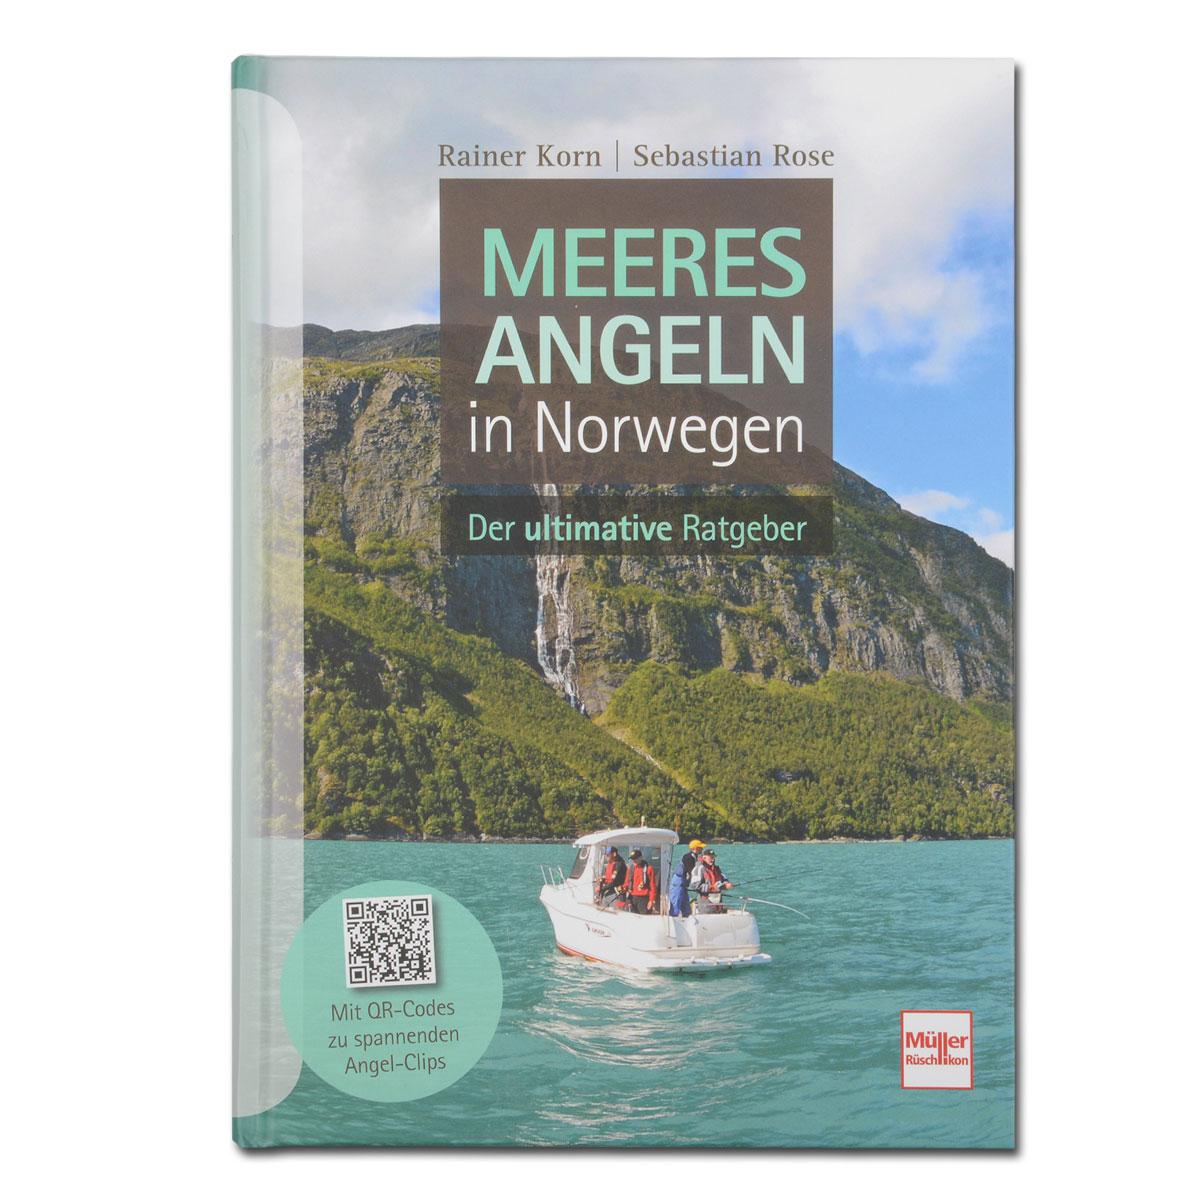 Meeresangeln in Norwegen - Der ultimative Ratgeber im Pareyshop